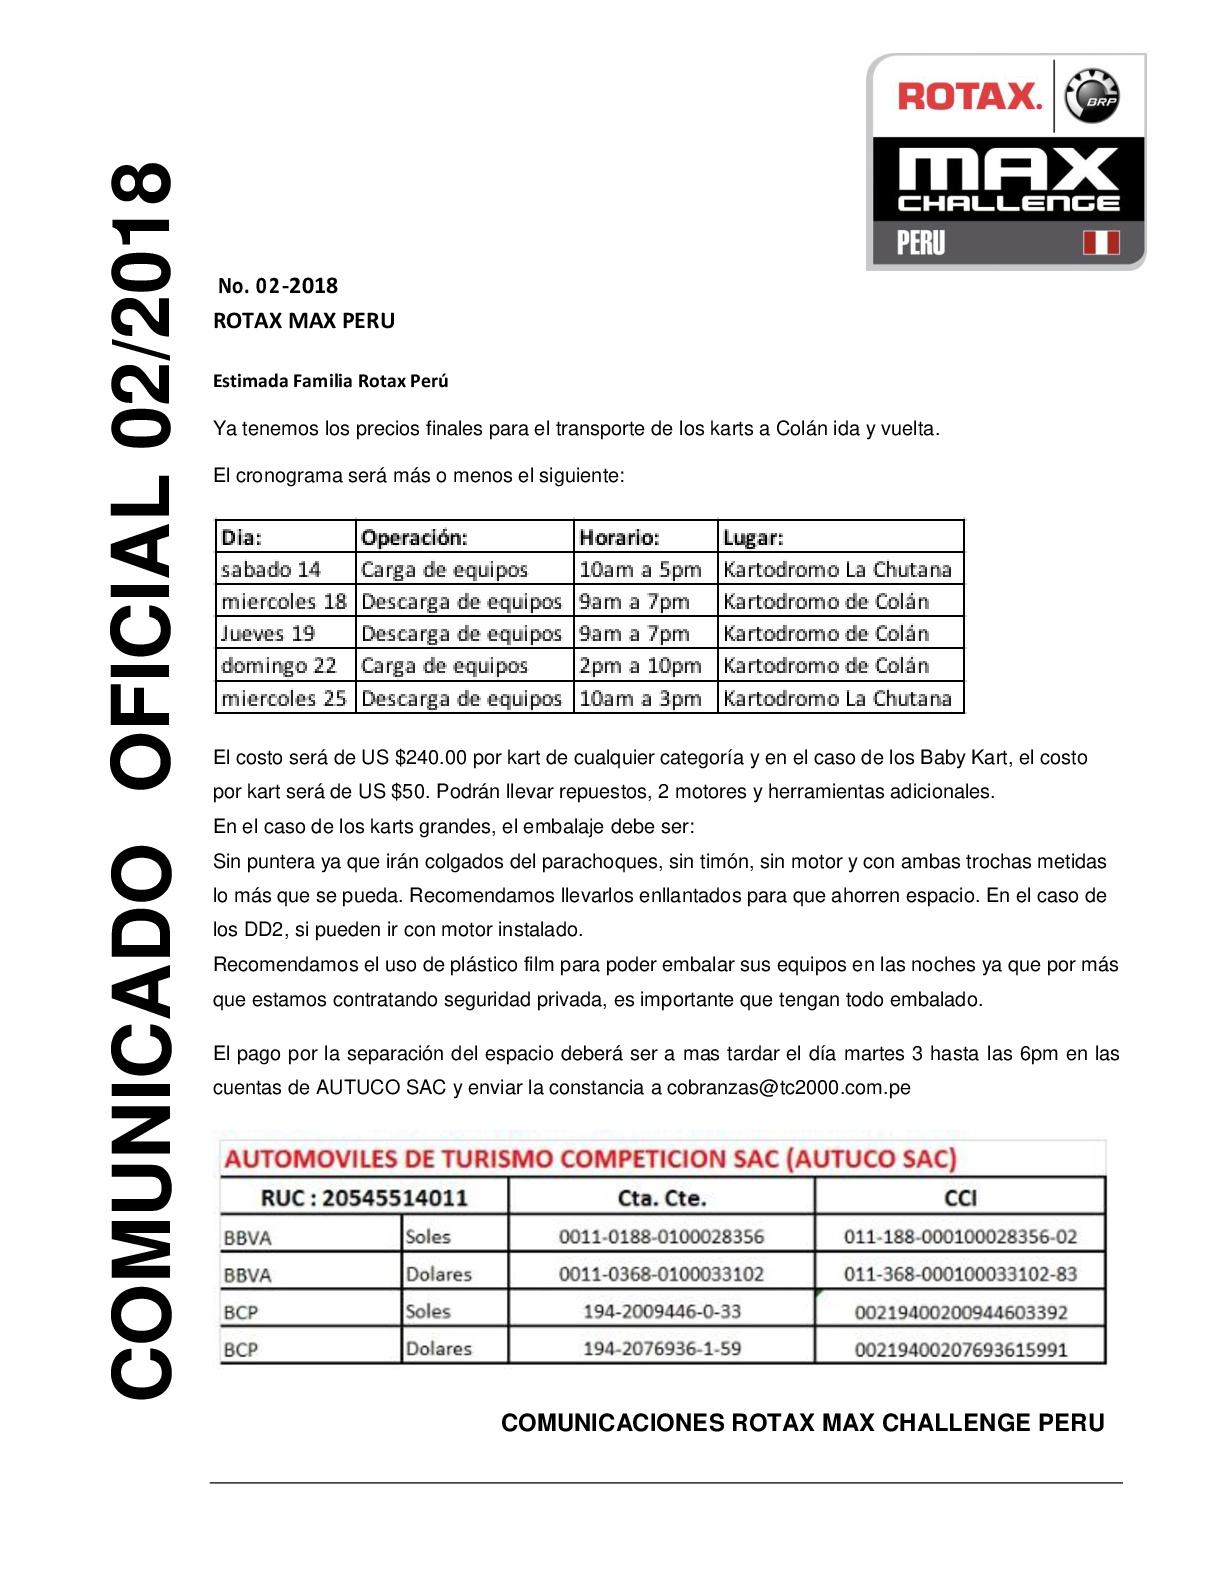 comunicado 02-2018-001